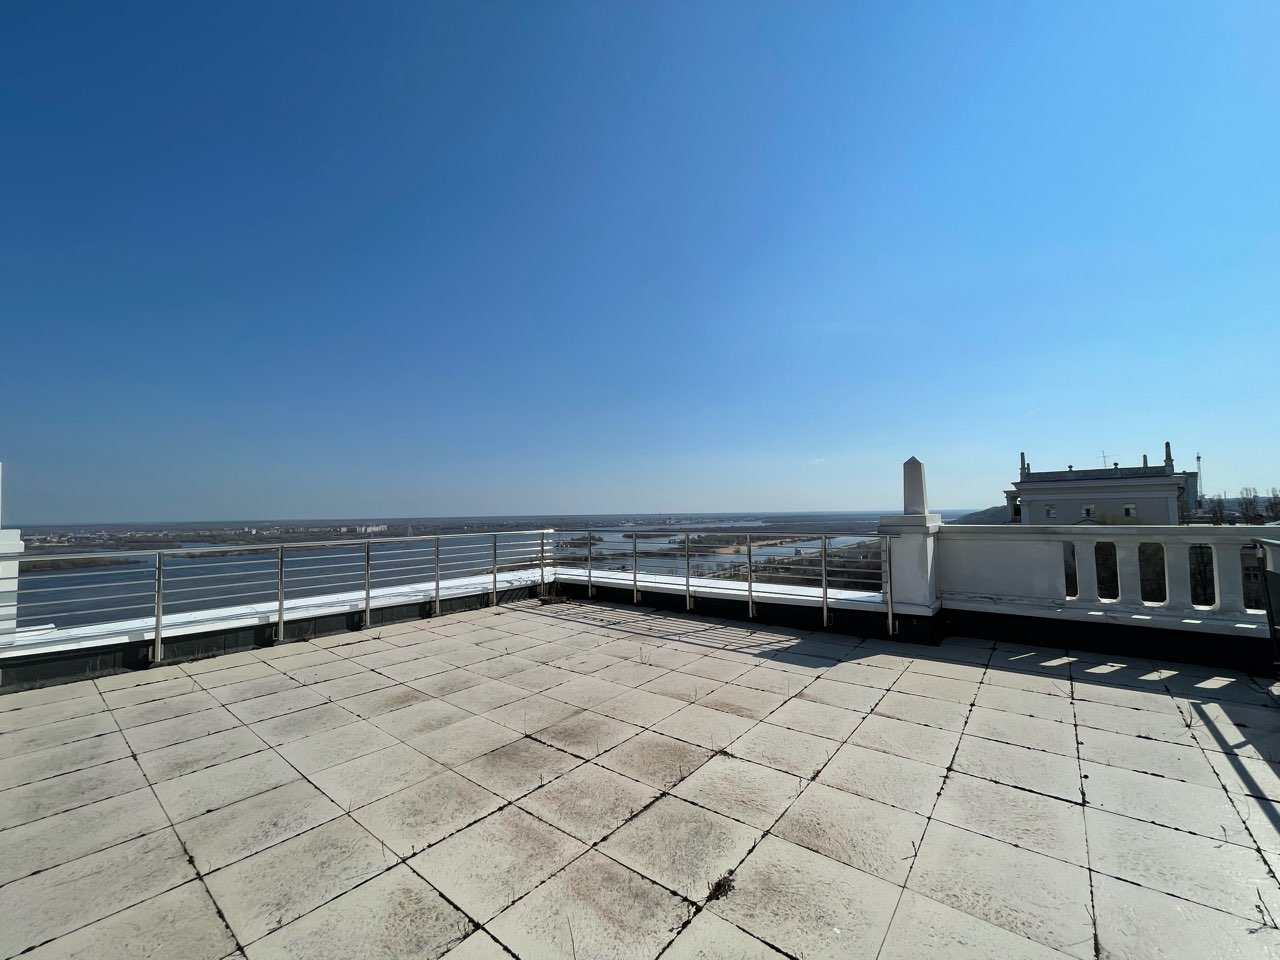 Эксплуатируемая крыша и волшебные виды из окон: как выглядят квартиры в самом «молодом» жилом доме на Верхне-Волжской набережной - фото 2